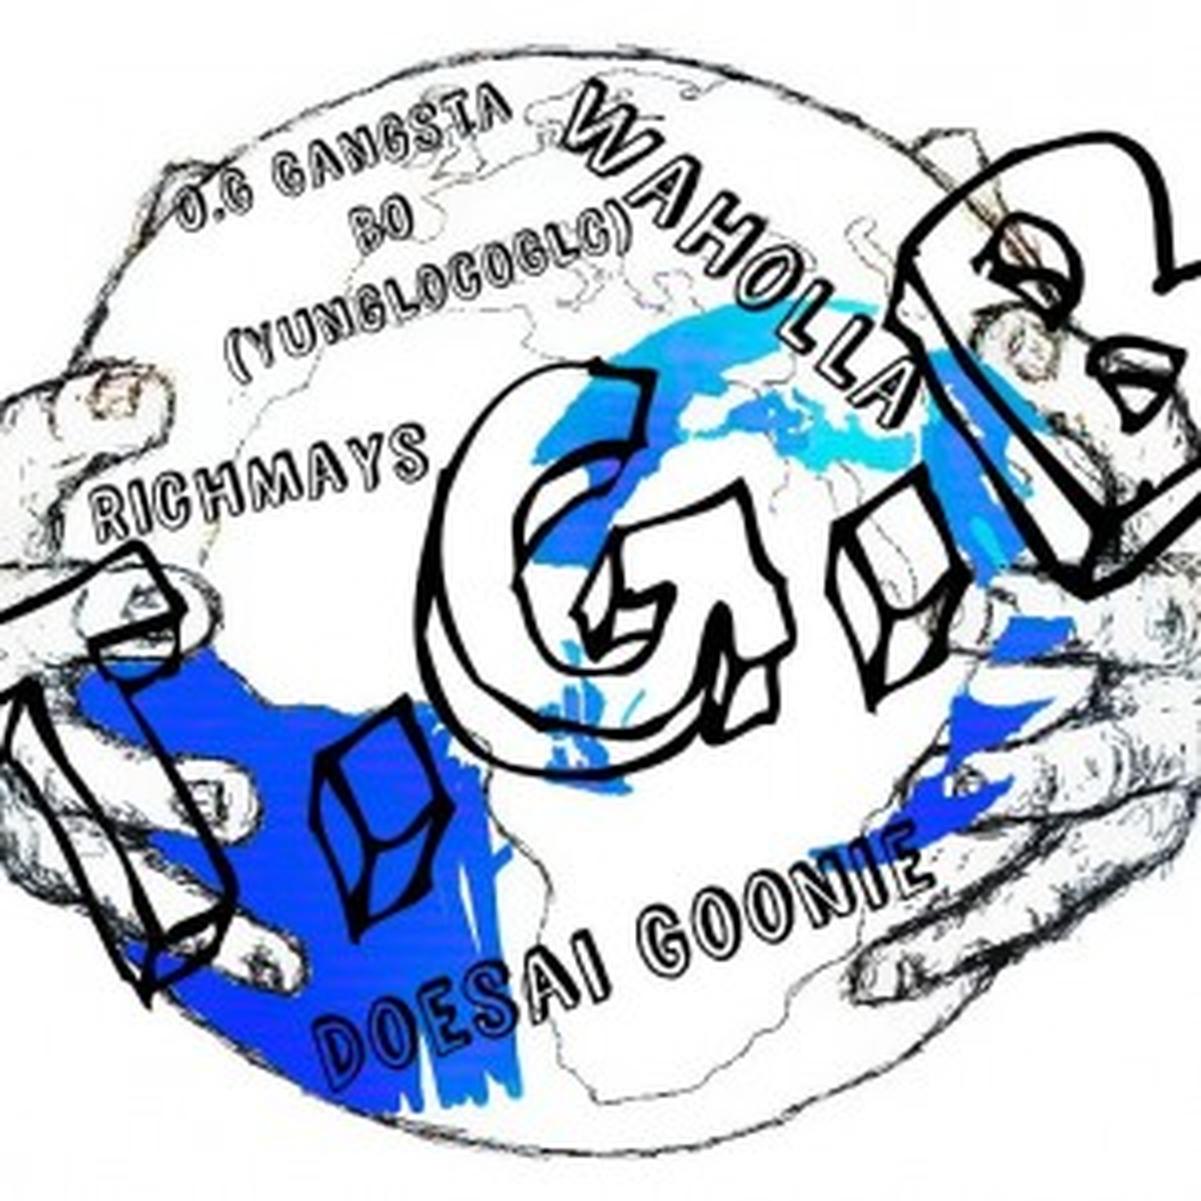 T.G.B Tha Music Group